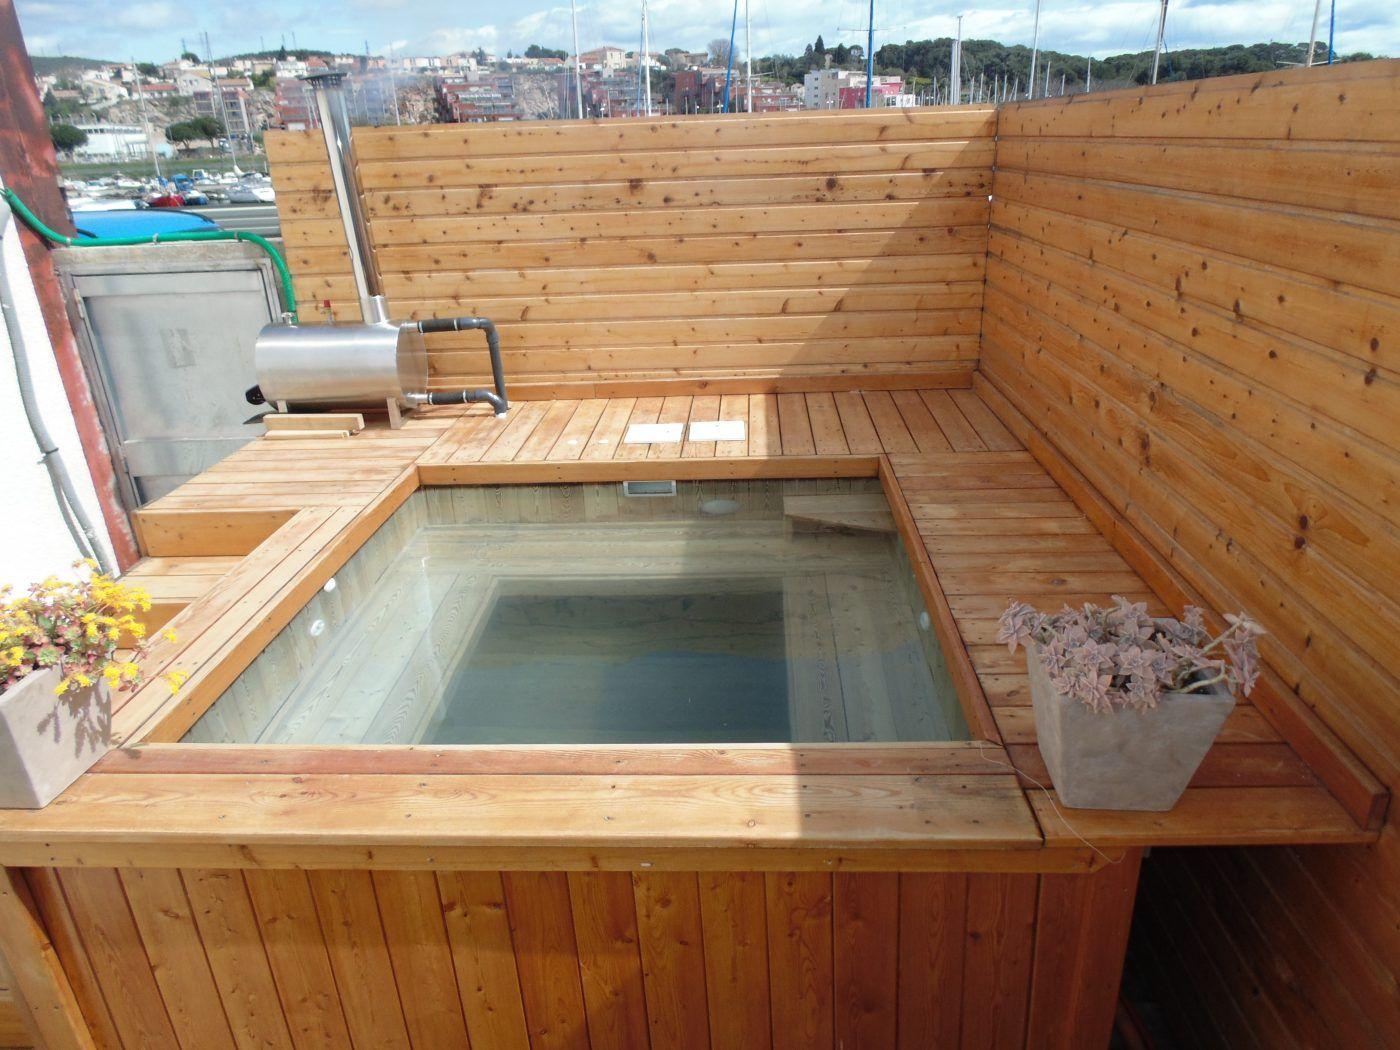 Pingl par armando kayhatu sur cool pinterest for Chauffage piscine bois